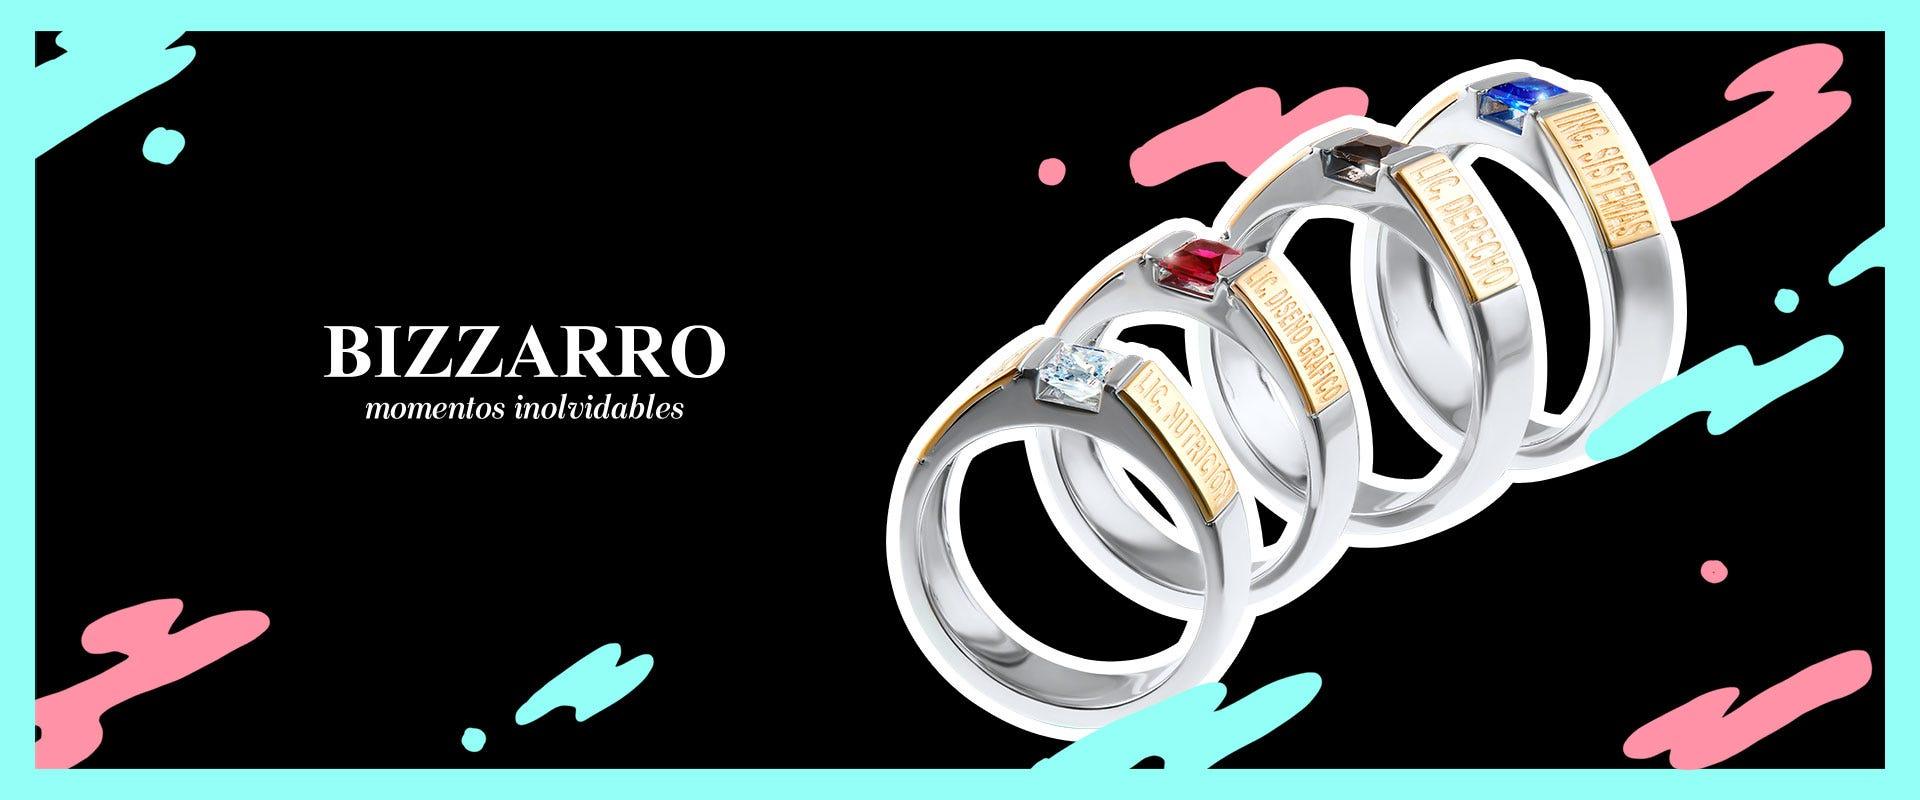 Hecho con orgullo: anillos de graduación personalizables